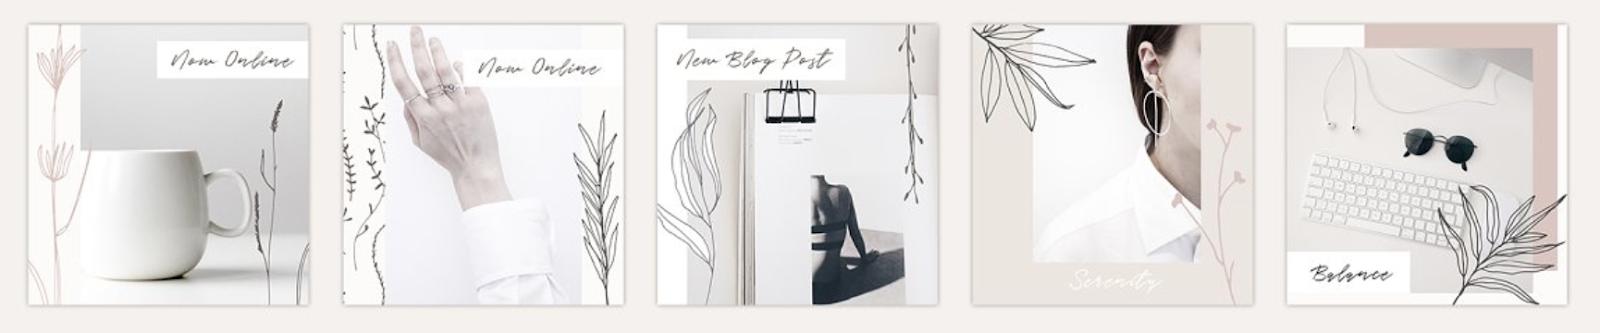 plantillas para instagram elegantes bonitas diseño en canva y photoshop